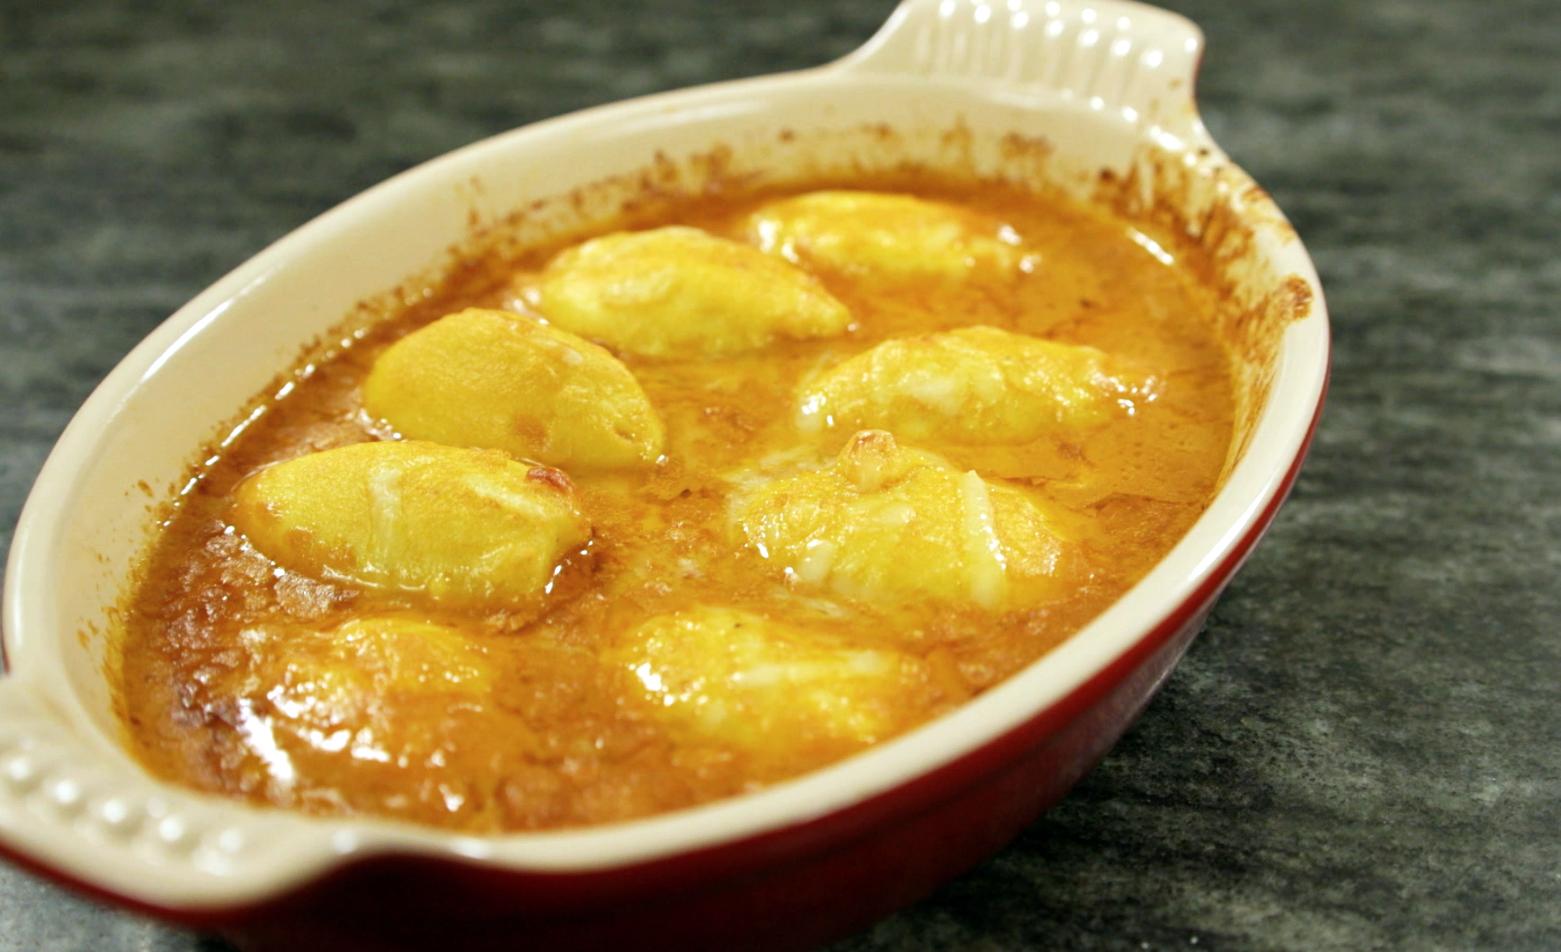 pike-dumplings-no-text.jpg